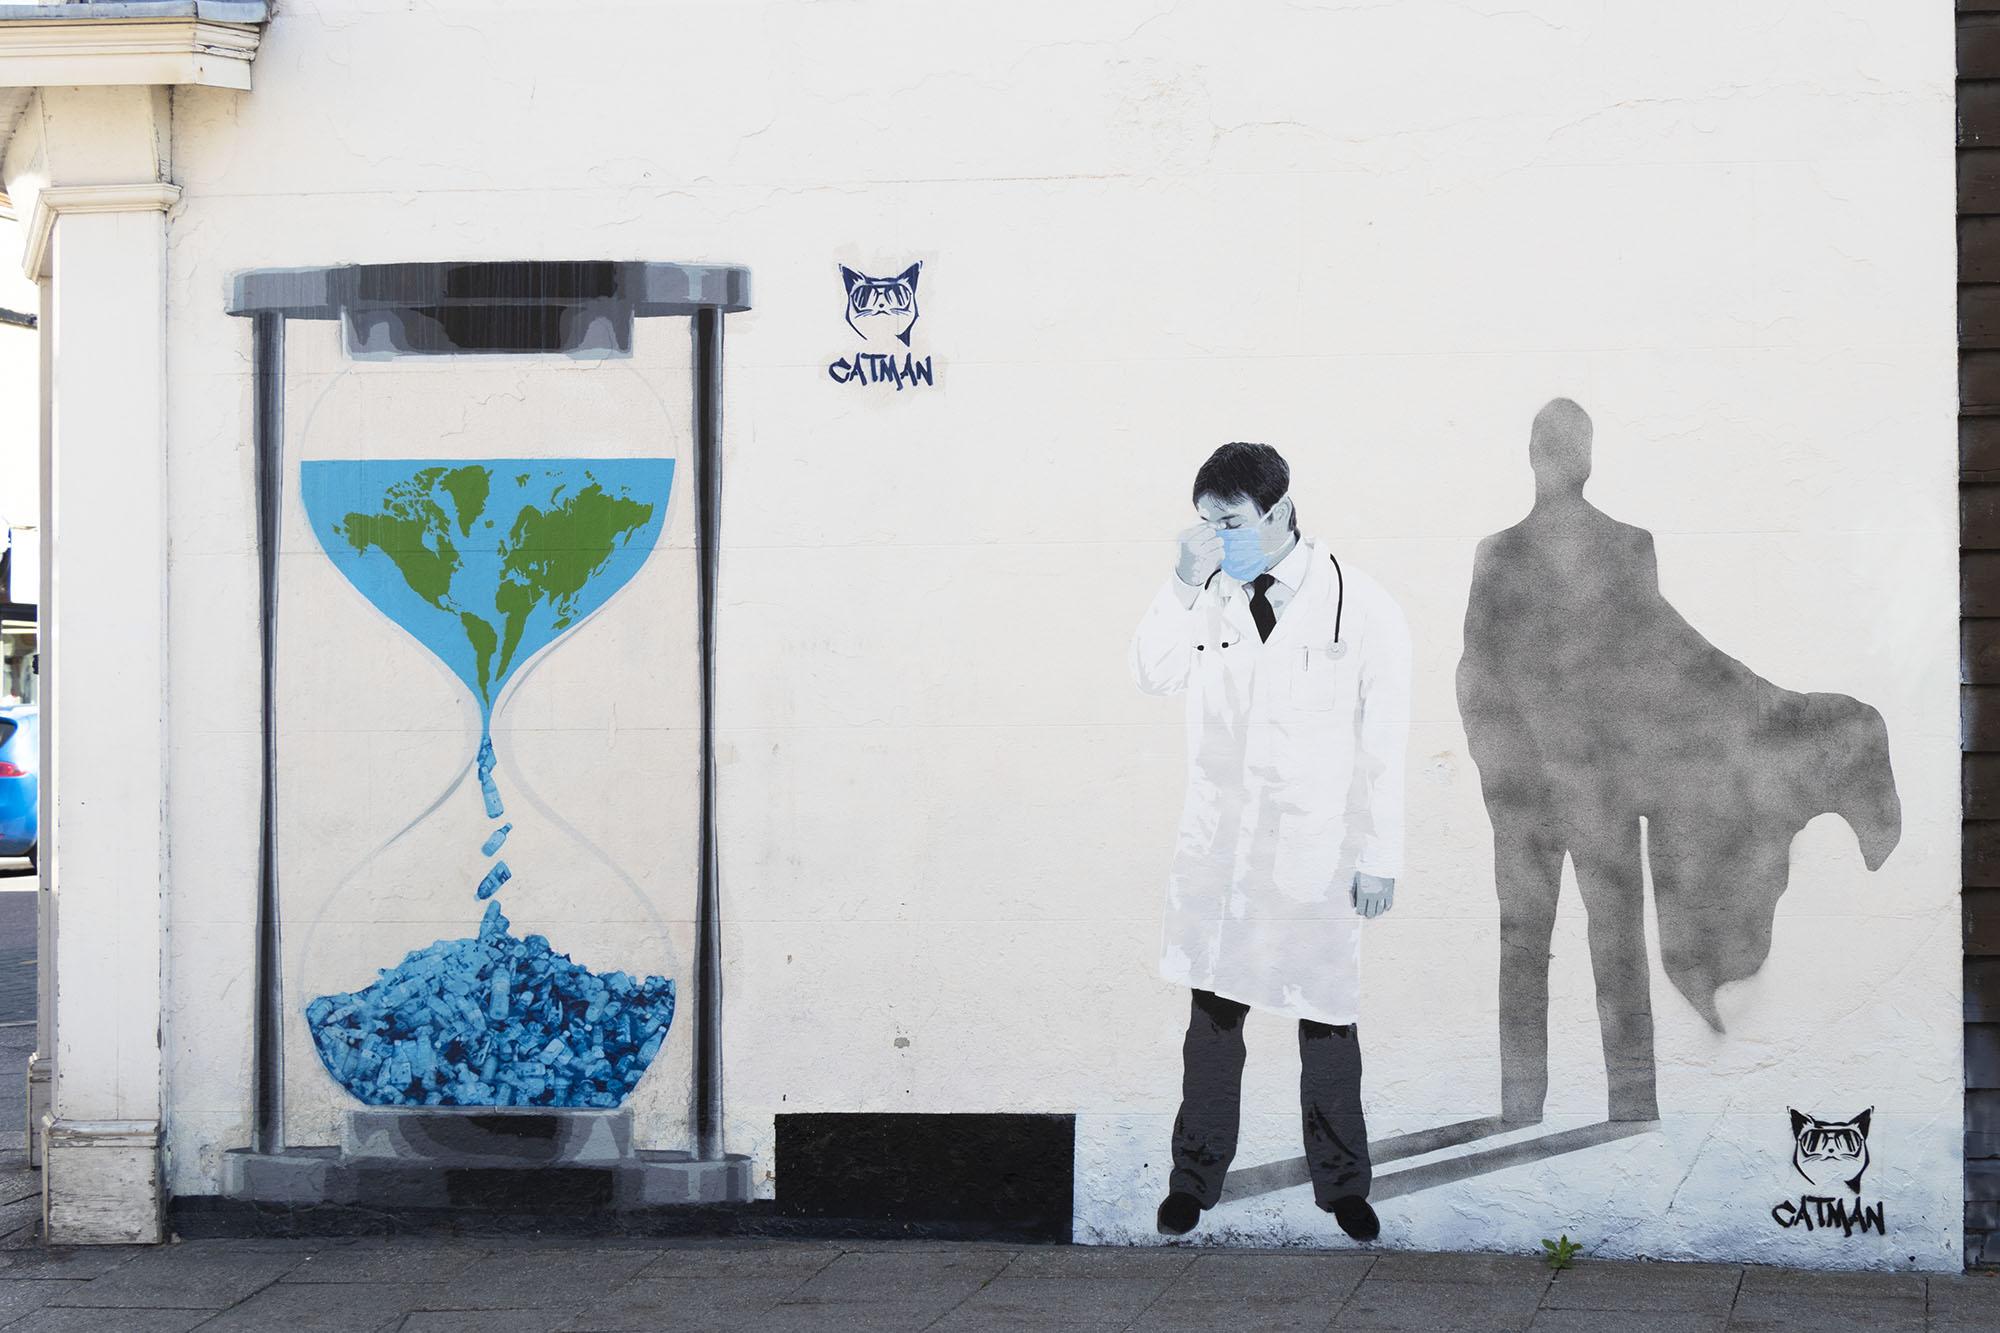 Catman mural, Whitstable